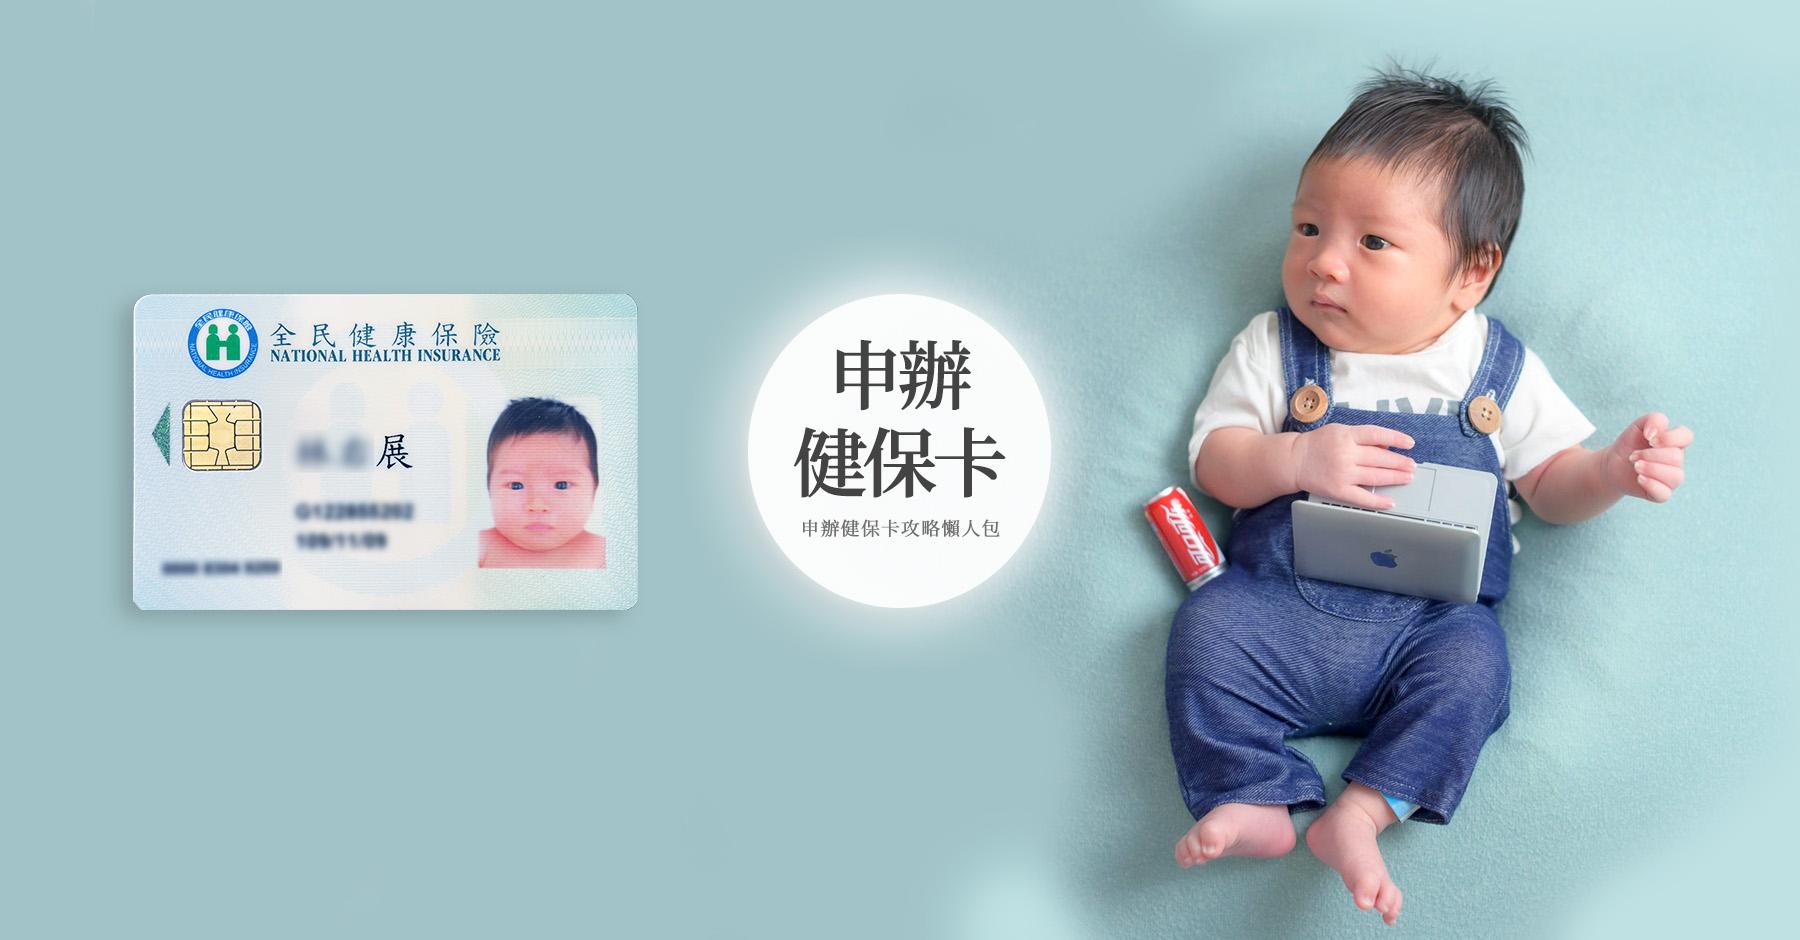 新生兒健保卡申請!超簡單辦寶寶健保卡|一次解惑照片上傳流程申請需要照片嗎